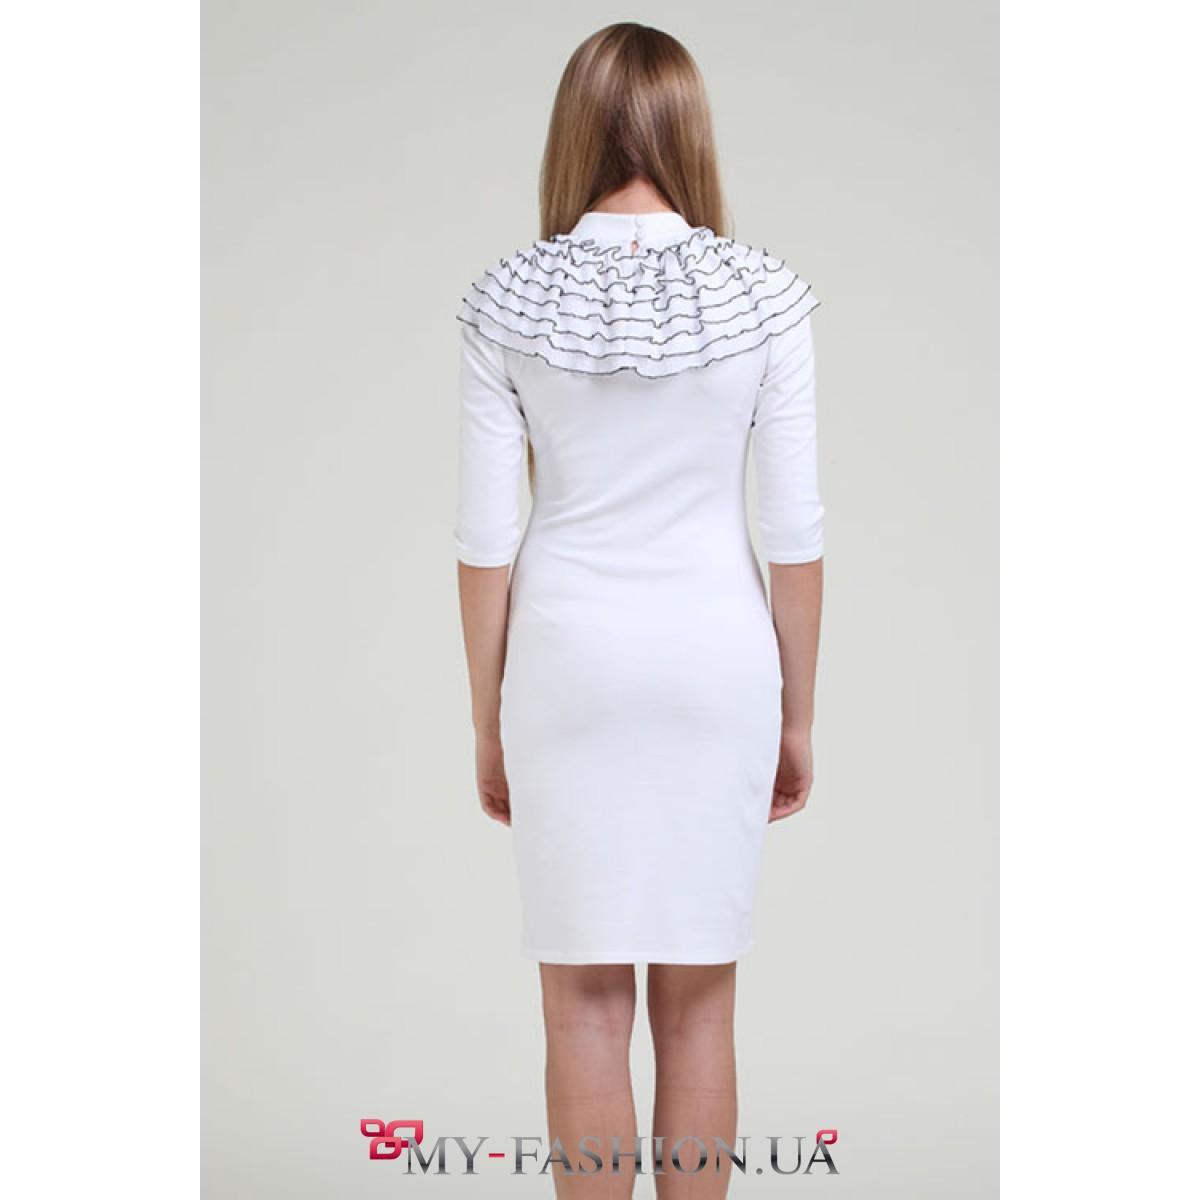 Платья - - купить платье в Киеве с доставкой по Украине